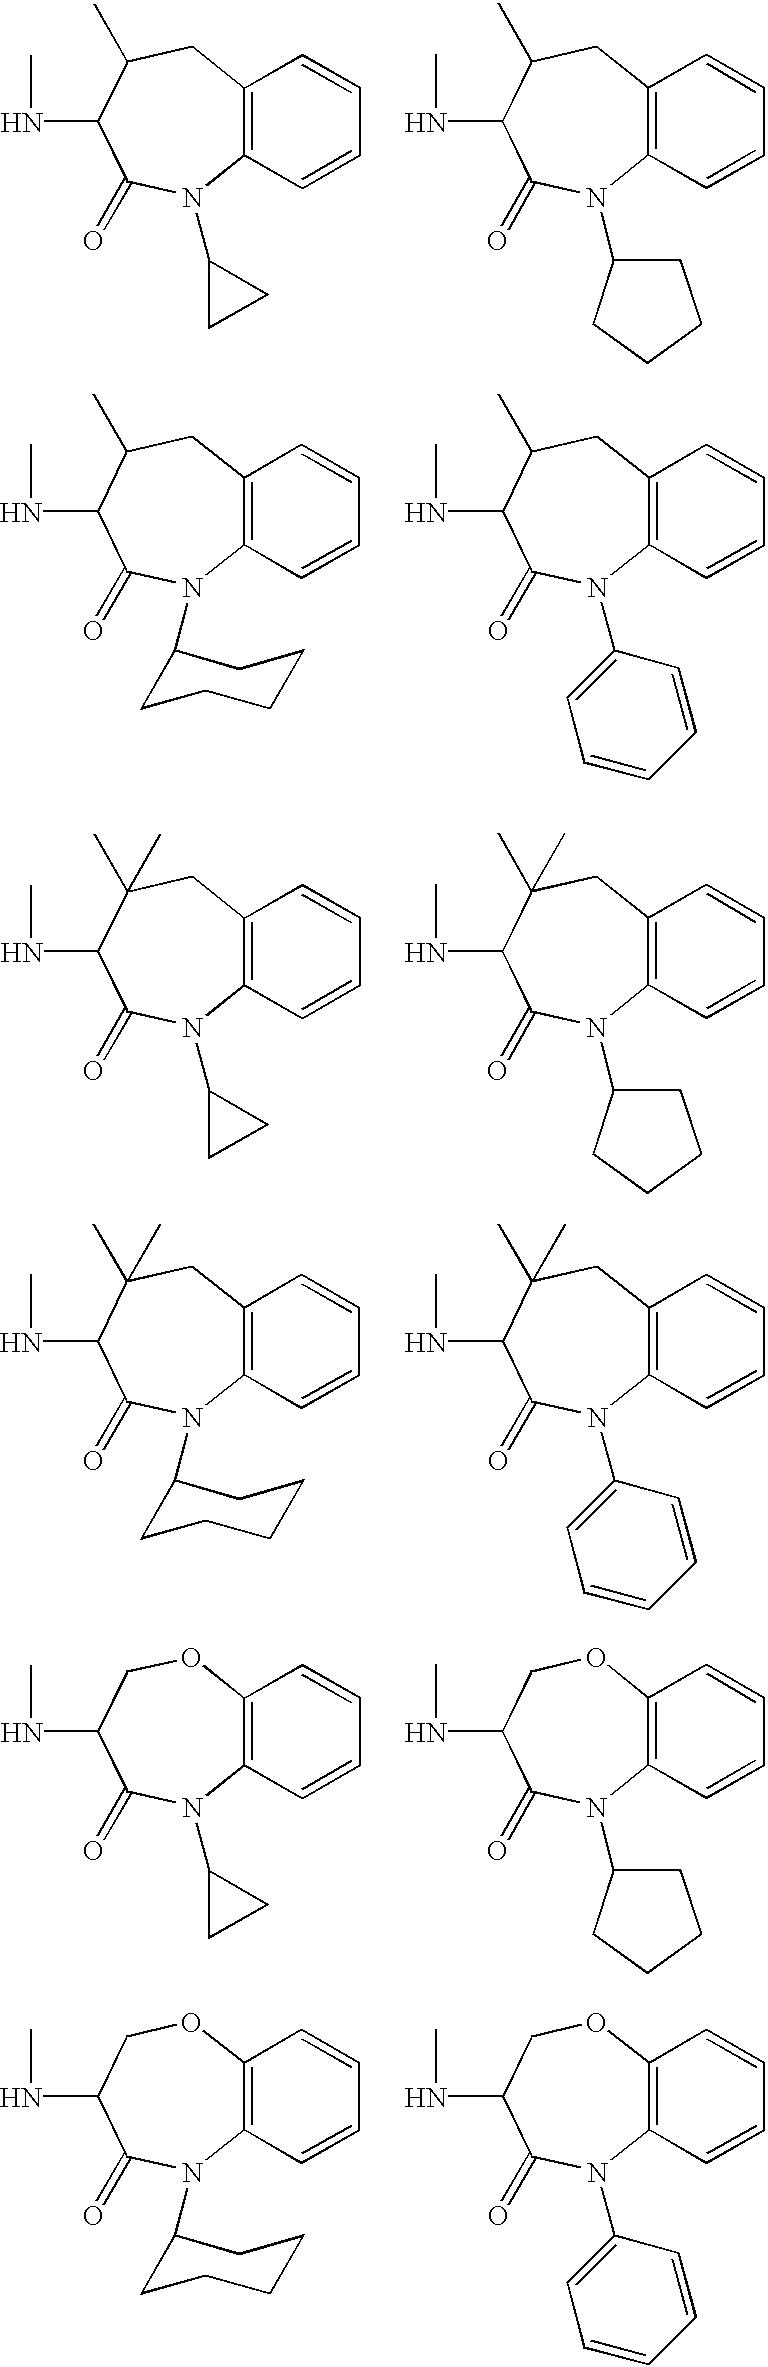 Figure US06509331-20030121-C00040